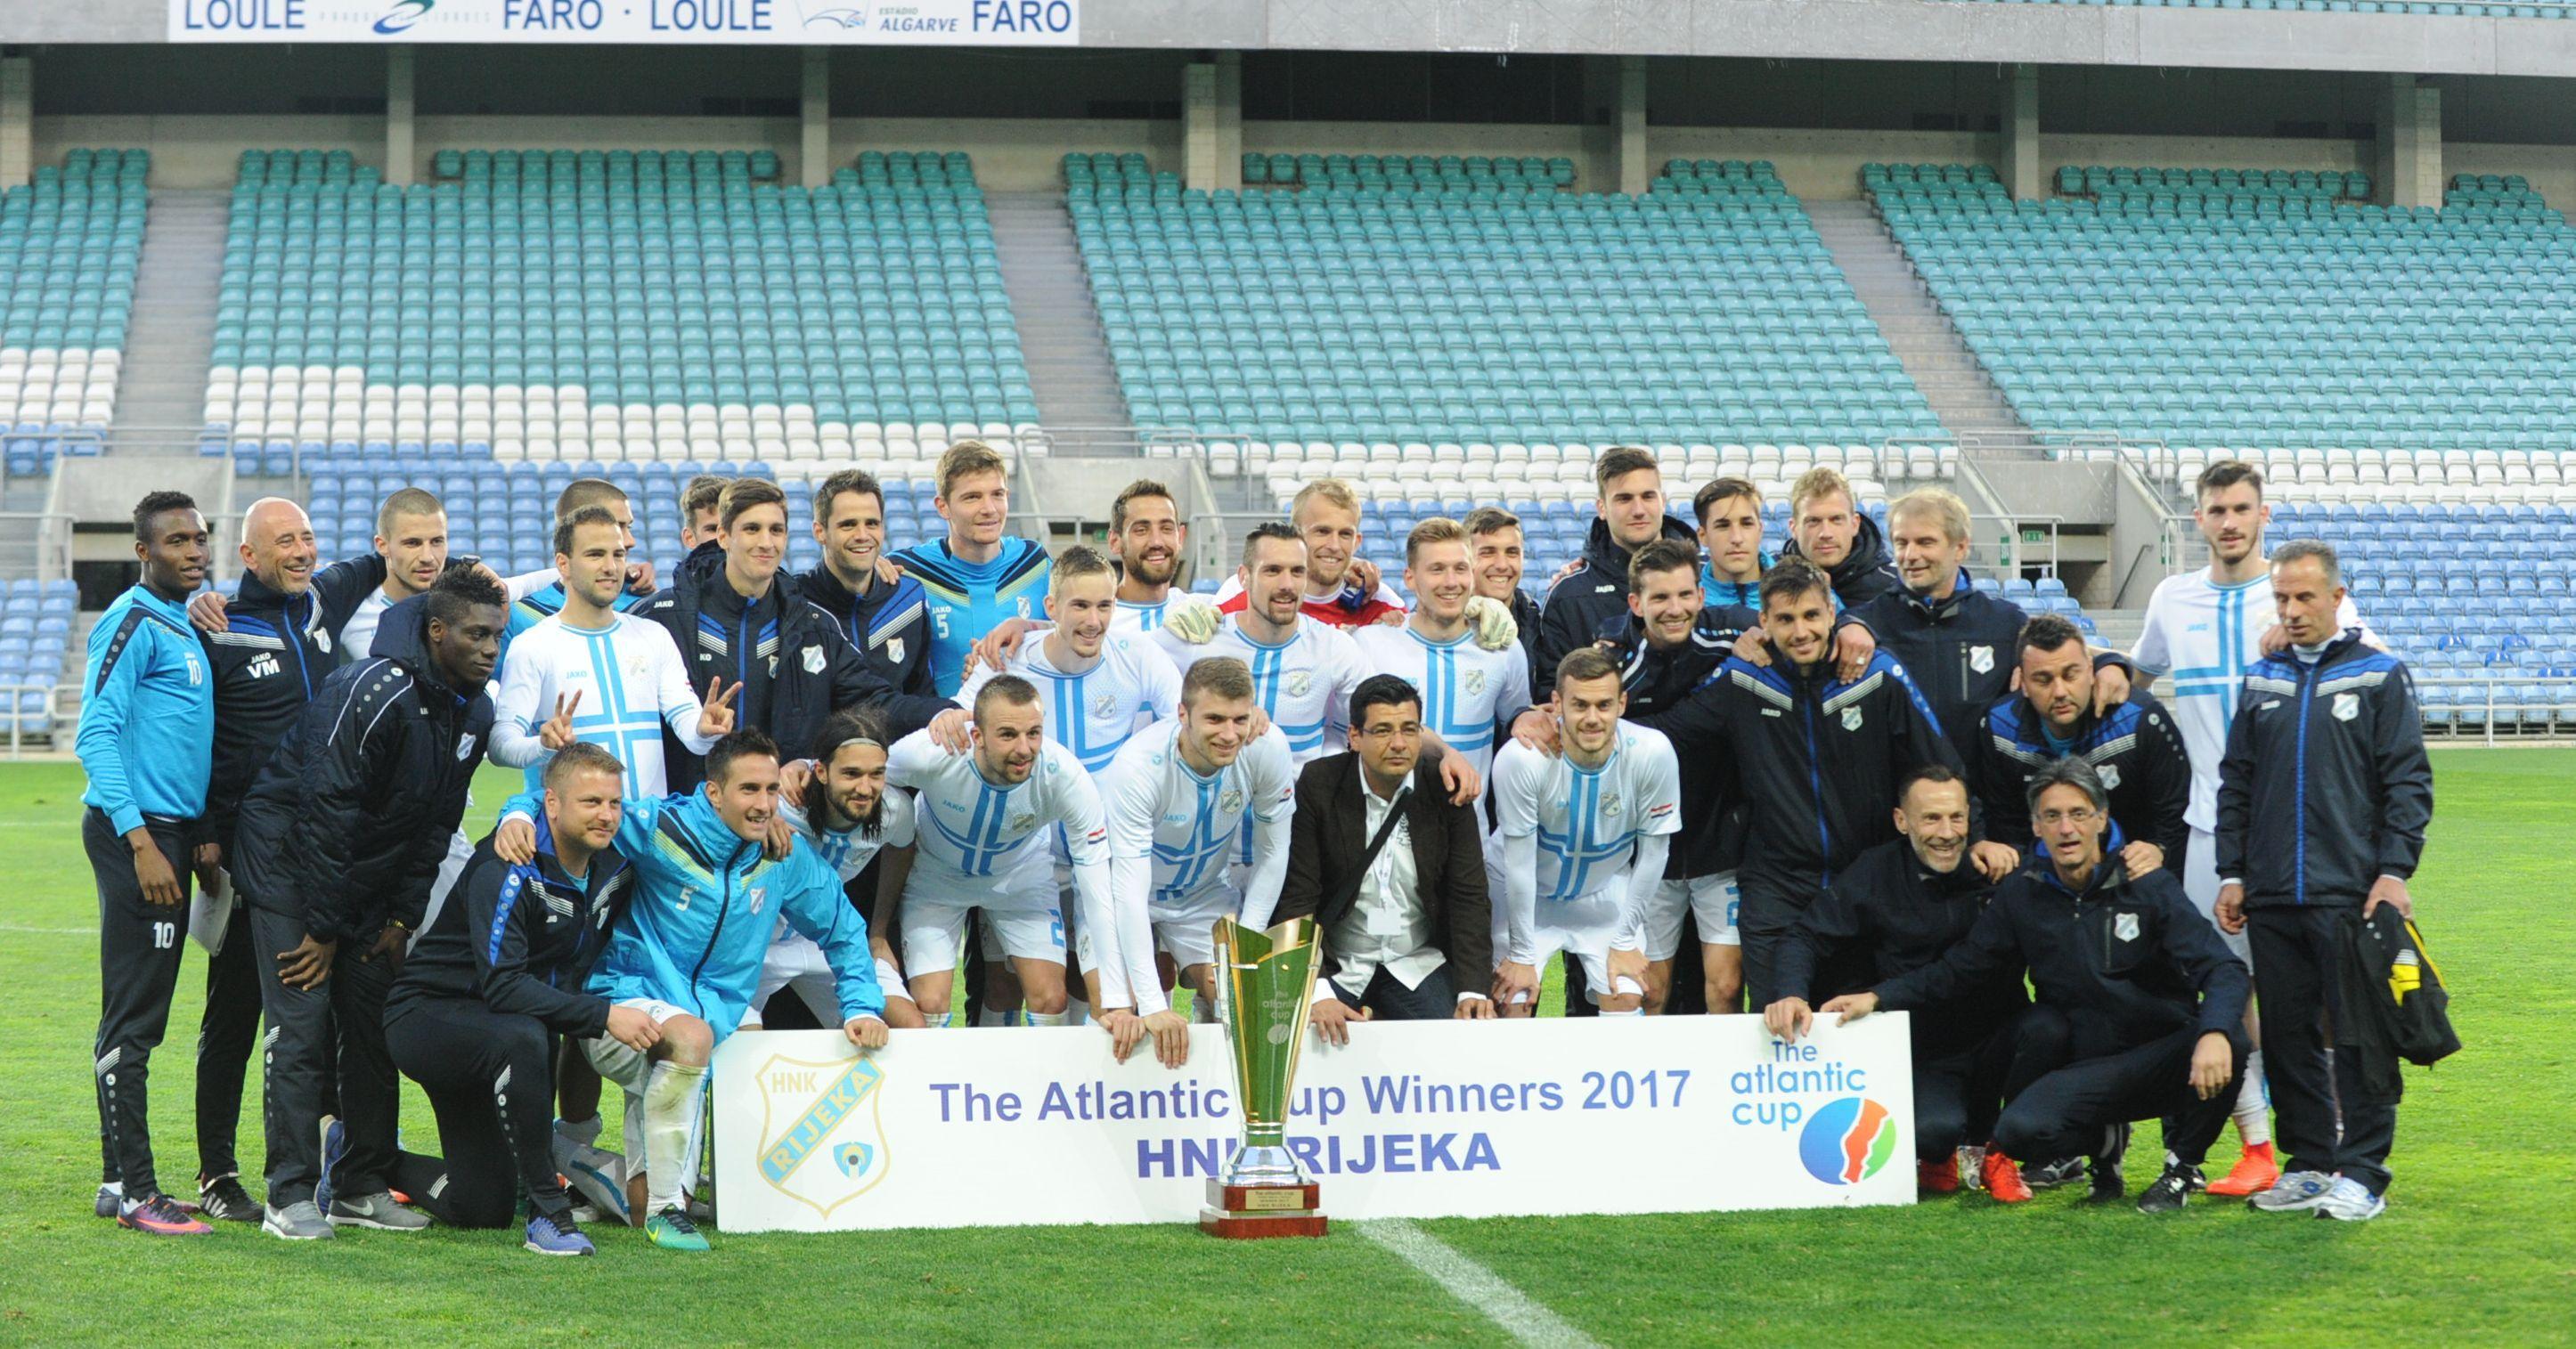 PUN POGODAK - Riječani su u zimskoj stanci 2017. osvojili Atlantic Cup u Portugalu i najavili pohod na duplu krunu